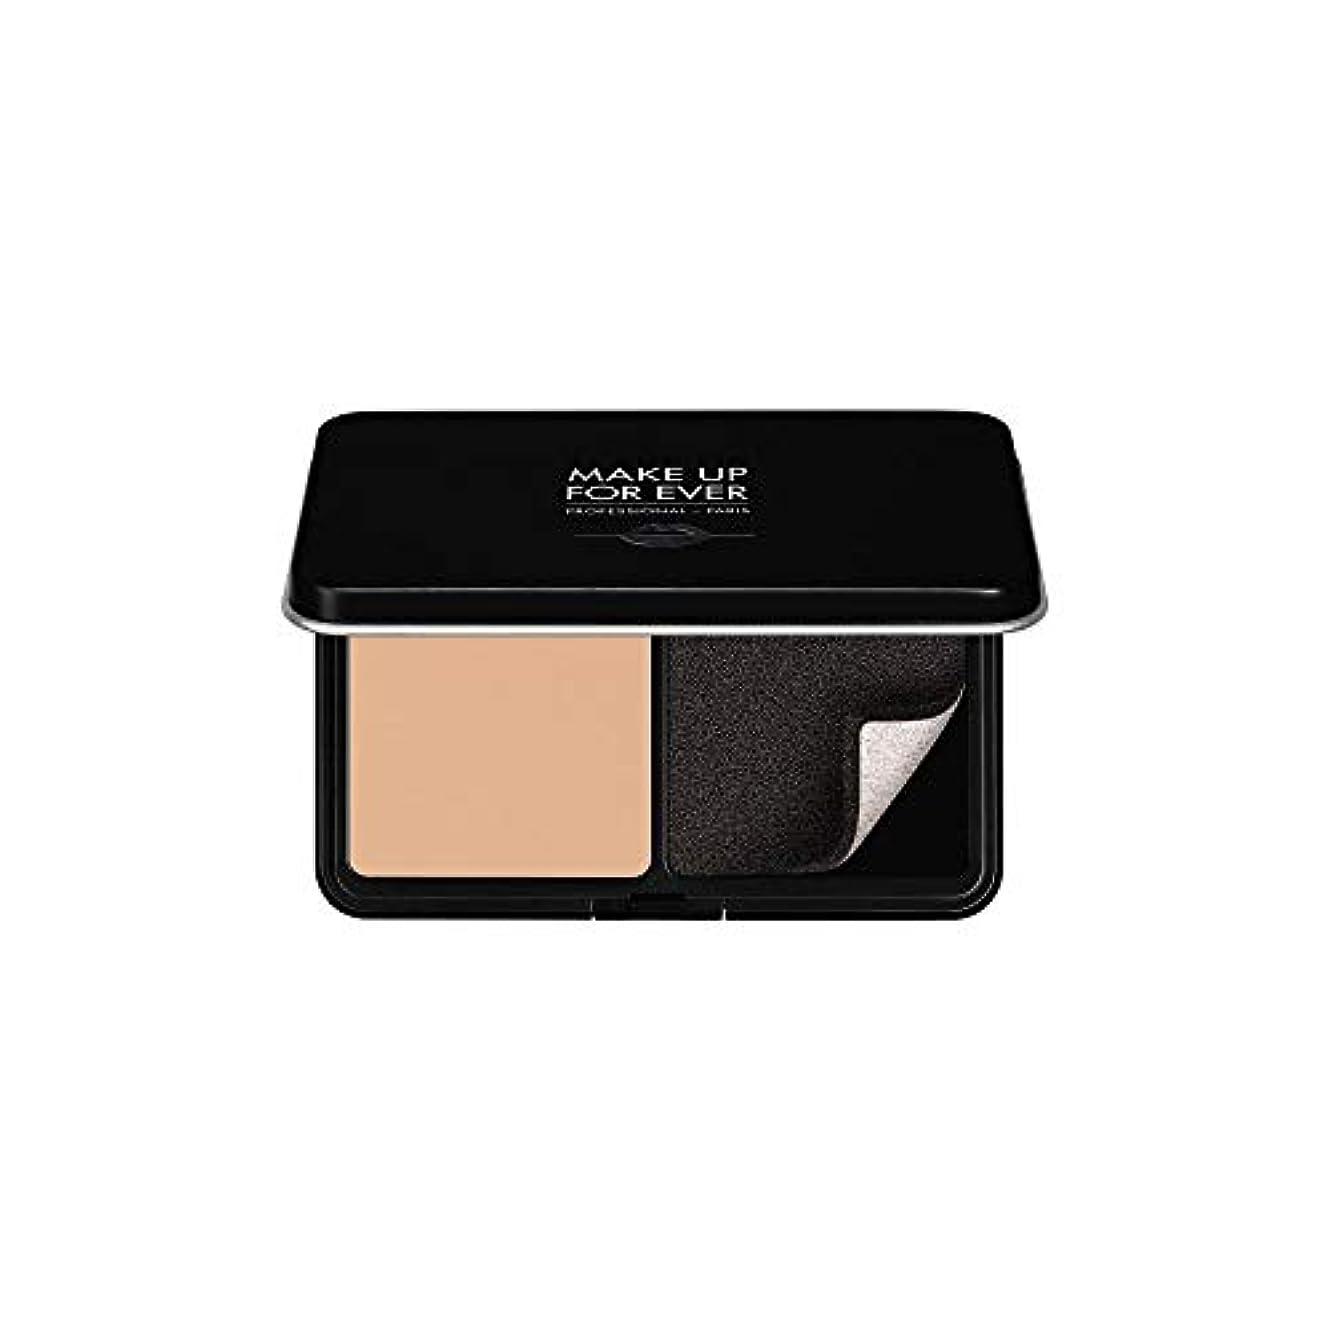 民間トリクル禁輸メイクアップフォーエバー Matte Velvet Skin Blurring Powder Foundation - # R250 (Beige Nude) 11g/0.38oz並行輸入品